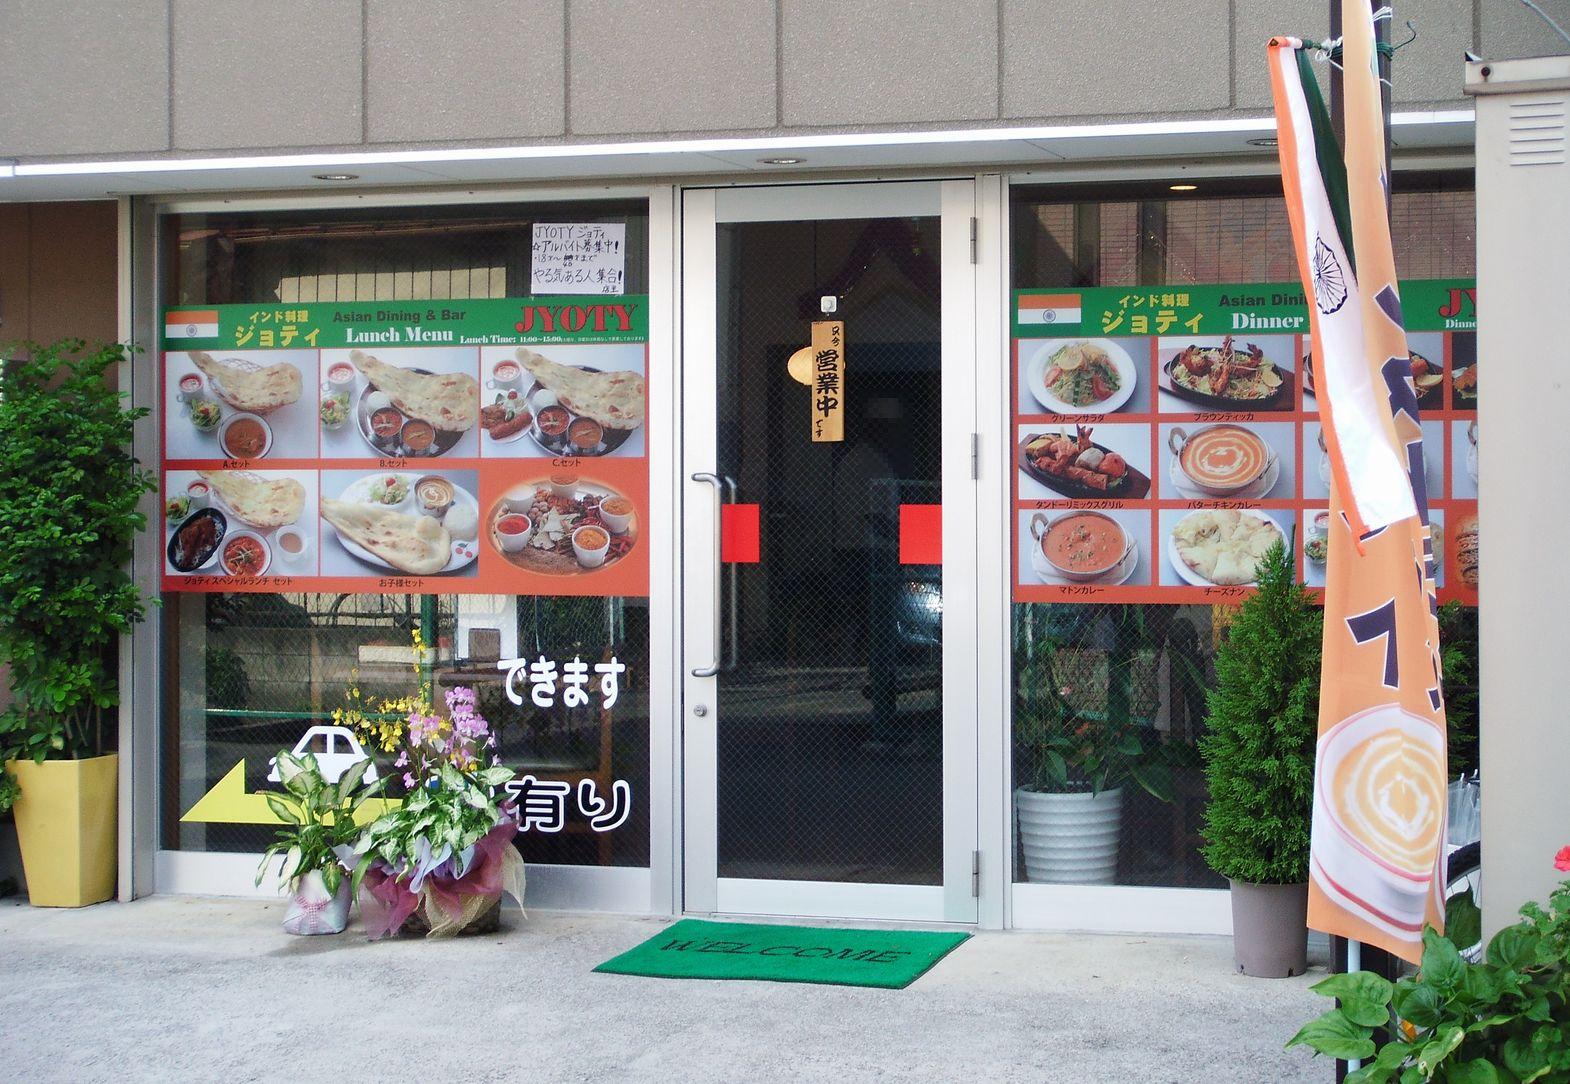 ジョティ 蓮田店